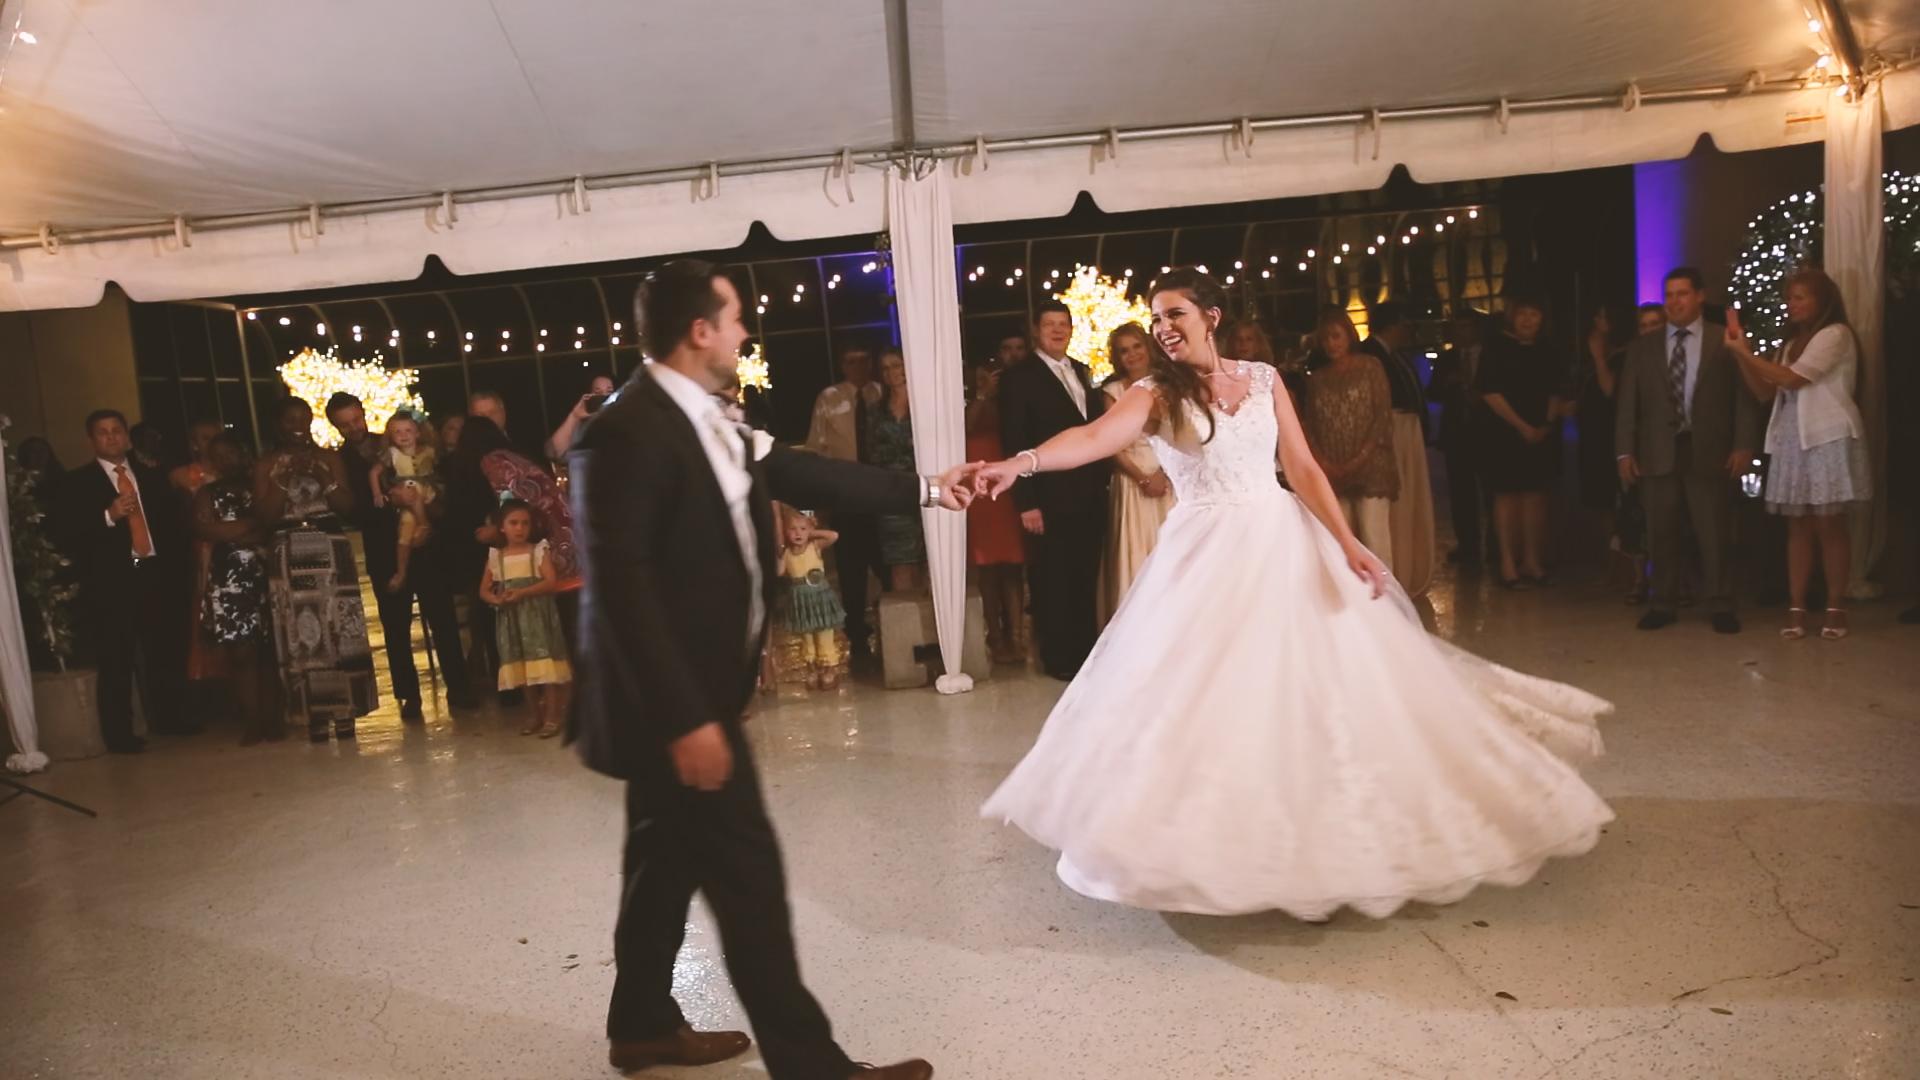 Princess Dress - Bride Film